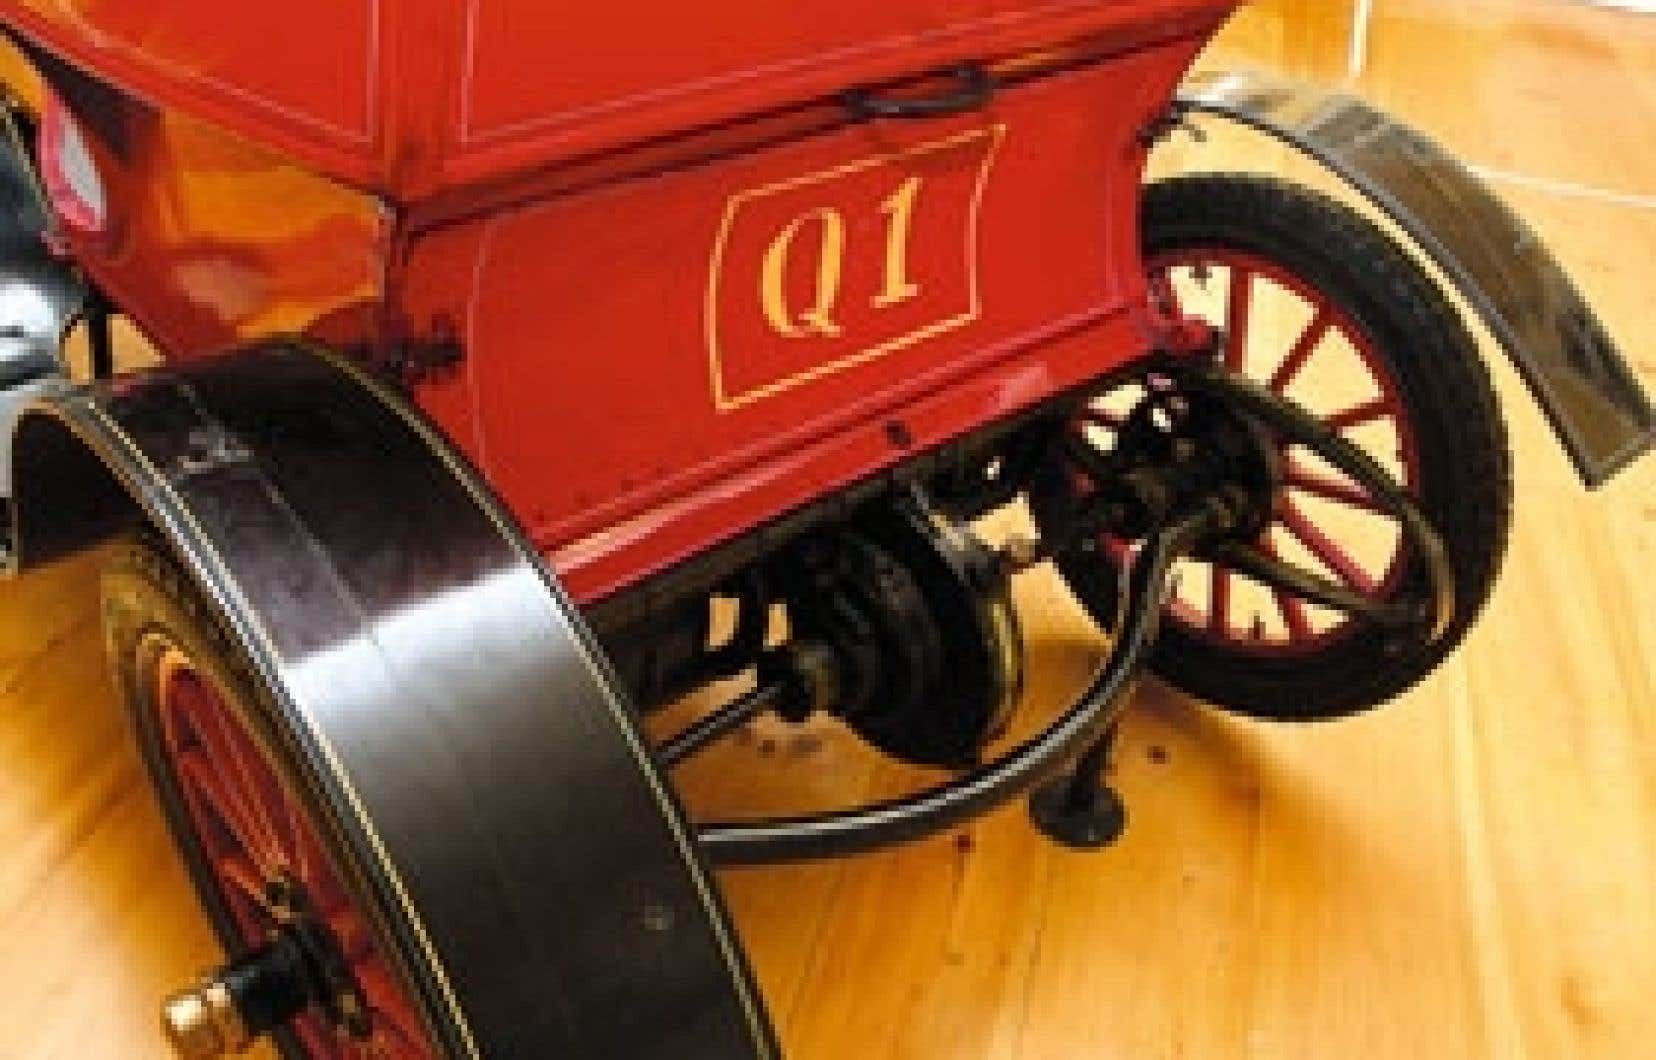 La De Dion Bouton, construite entre 1898 et 1903, fonctionne avec un seul cylindre et peut atteindre une vitesse de 40 km/h. Cette voiture est la première officiellement immatriculée au Québec, en 1906, pour... 1 $.